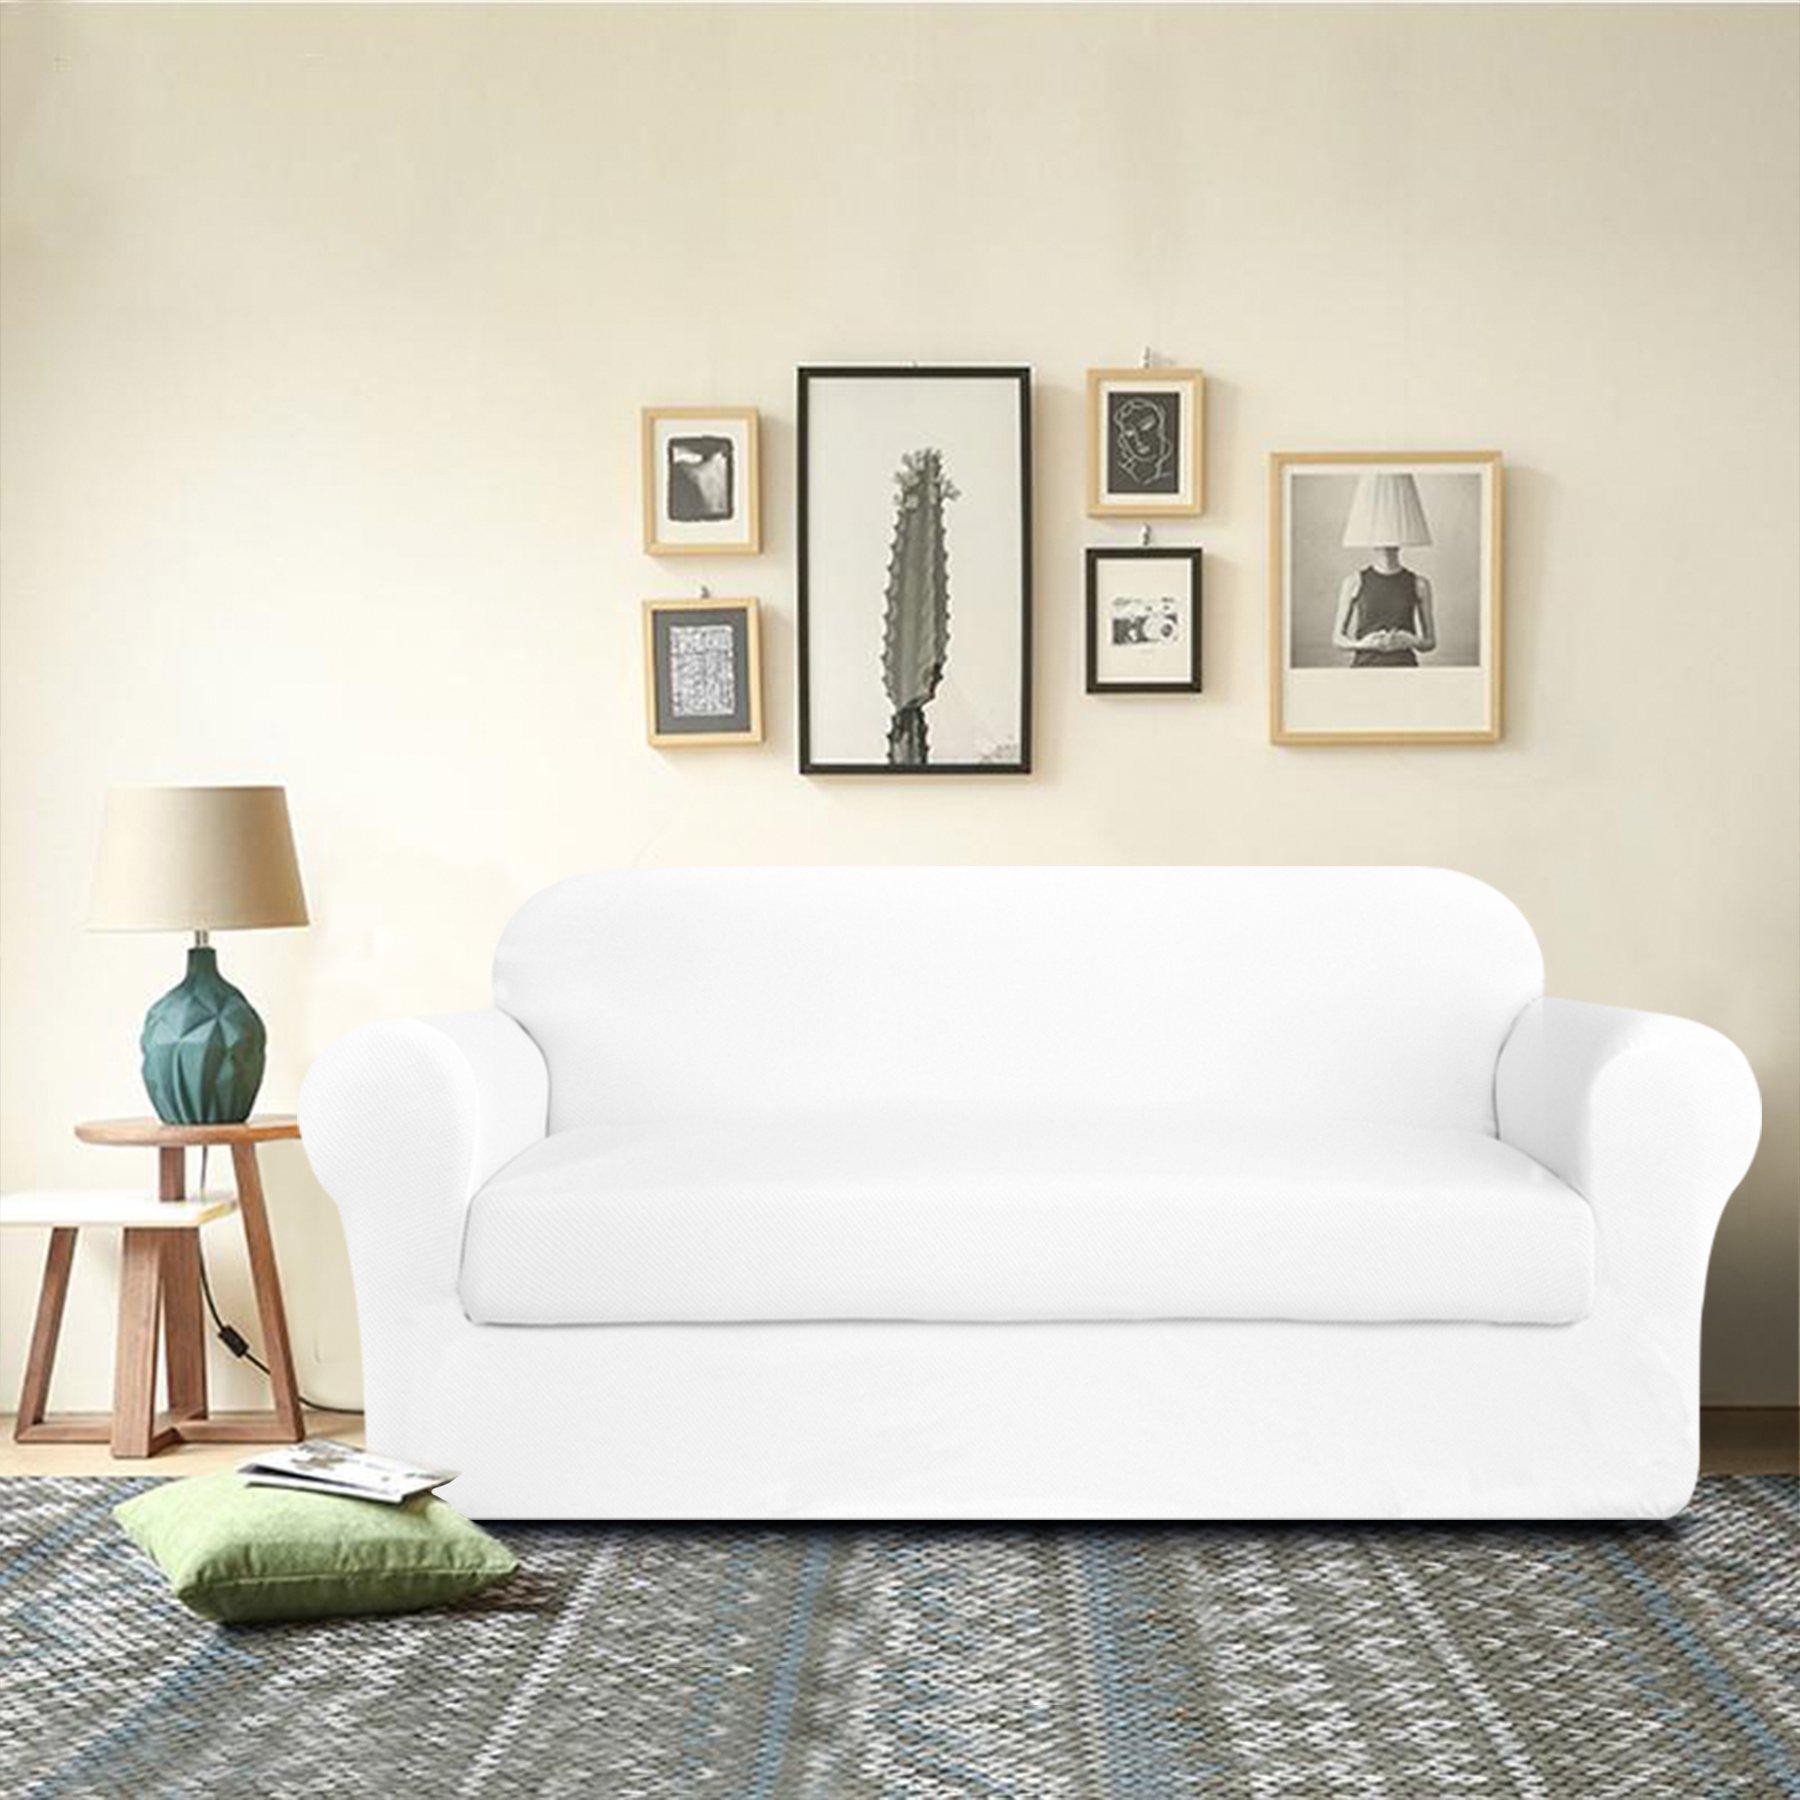 DyFun 2-Piece Knit Spandex Stretch Dining Room Sofa